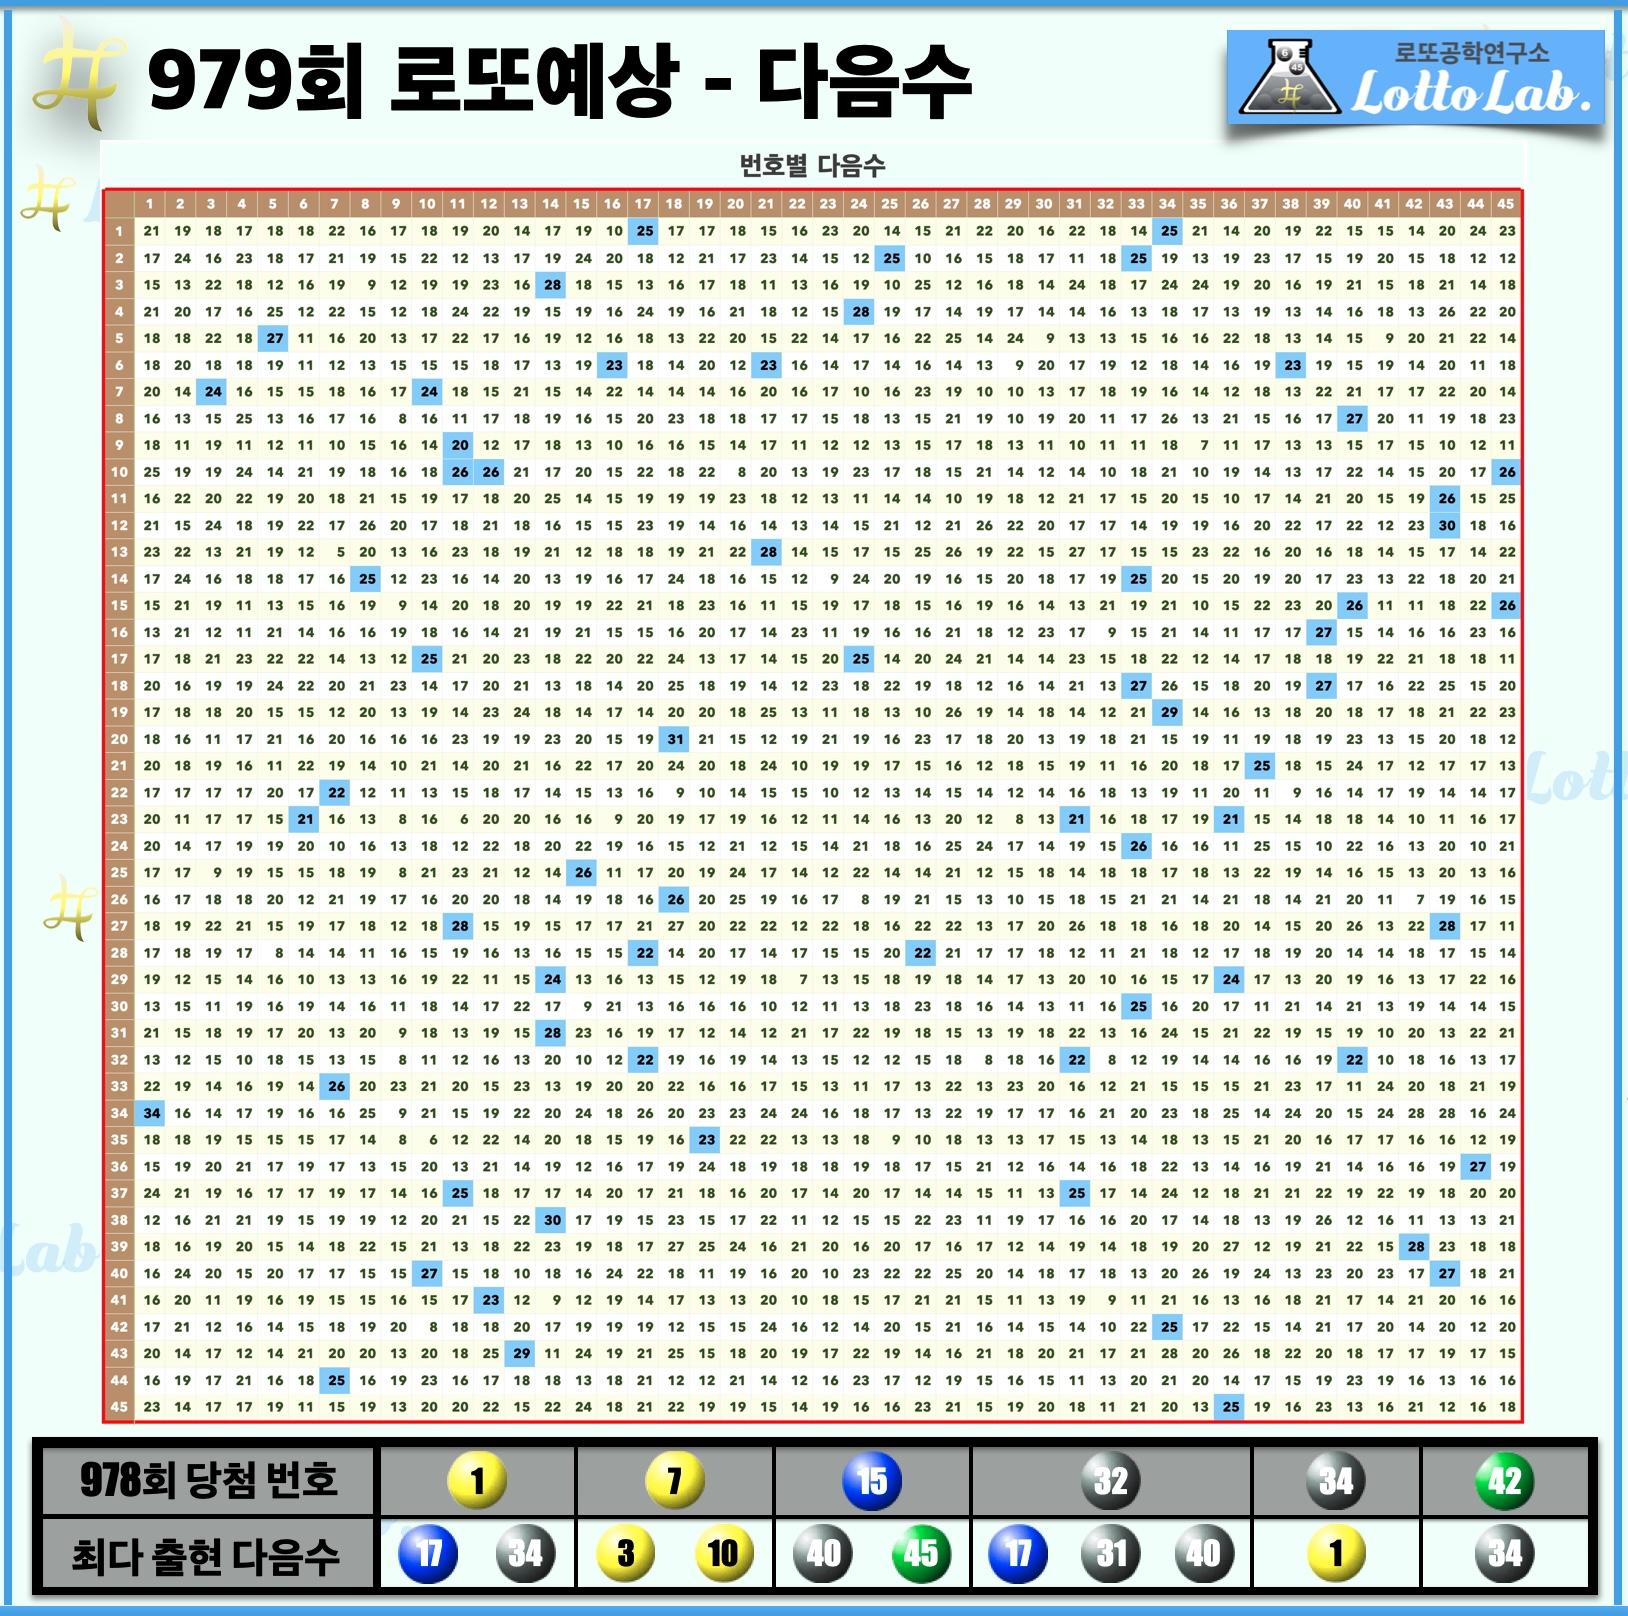 로또랩 로또979 당첨 번호 예상 - 다음수